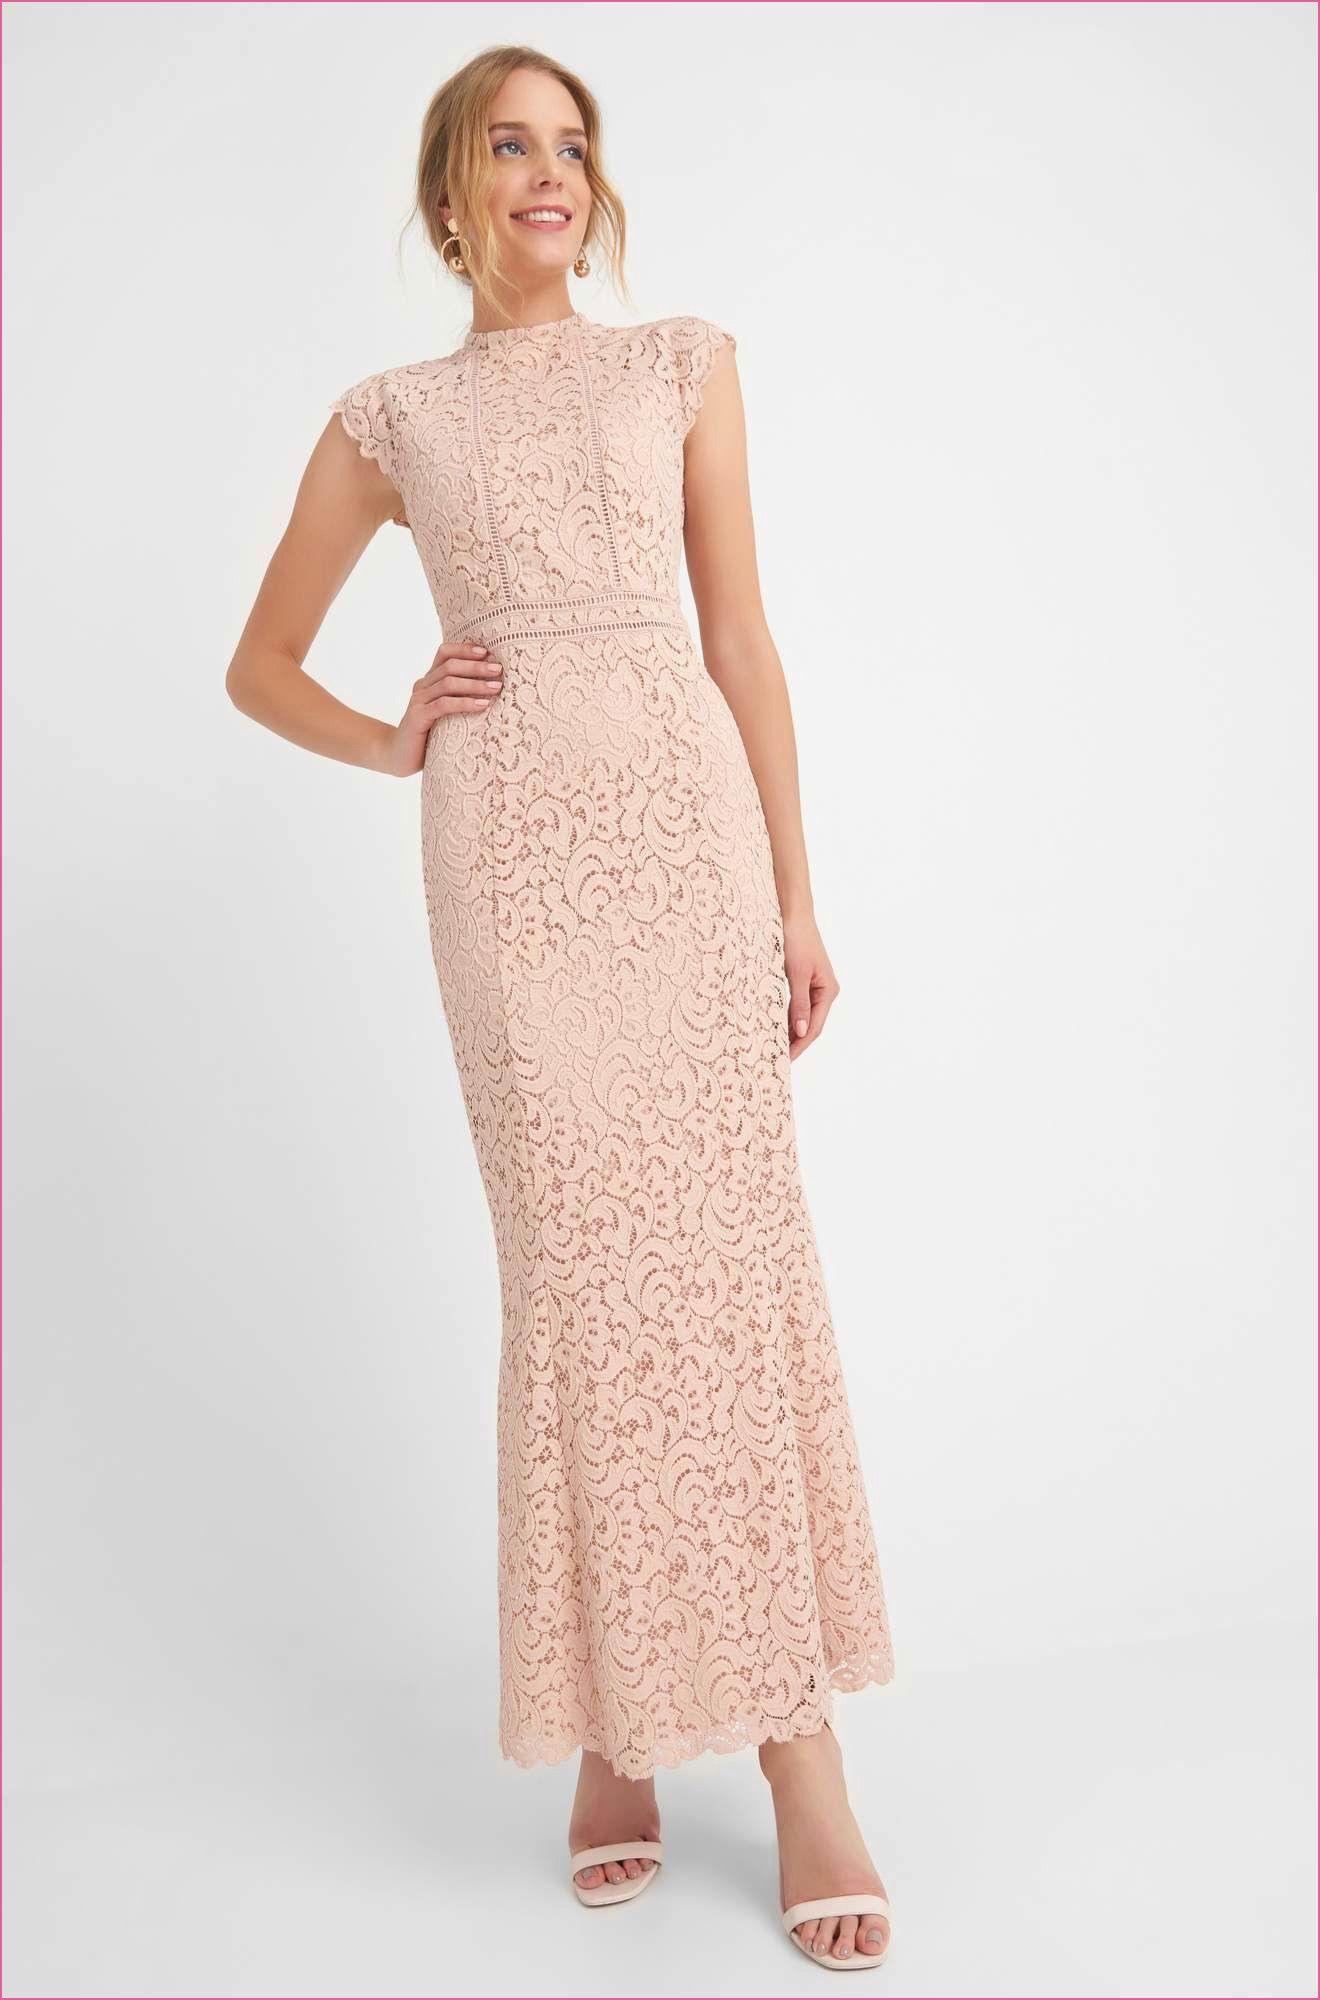 13 Wunderbar Kleid Für Die Hochzeit BoutiqueDesigner Top Kleid Für Die Hochzeit Boutique